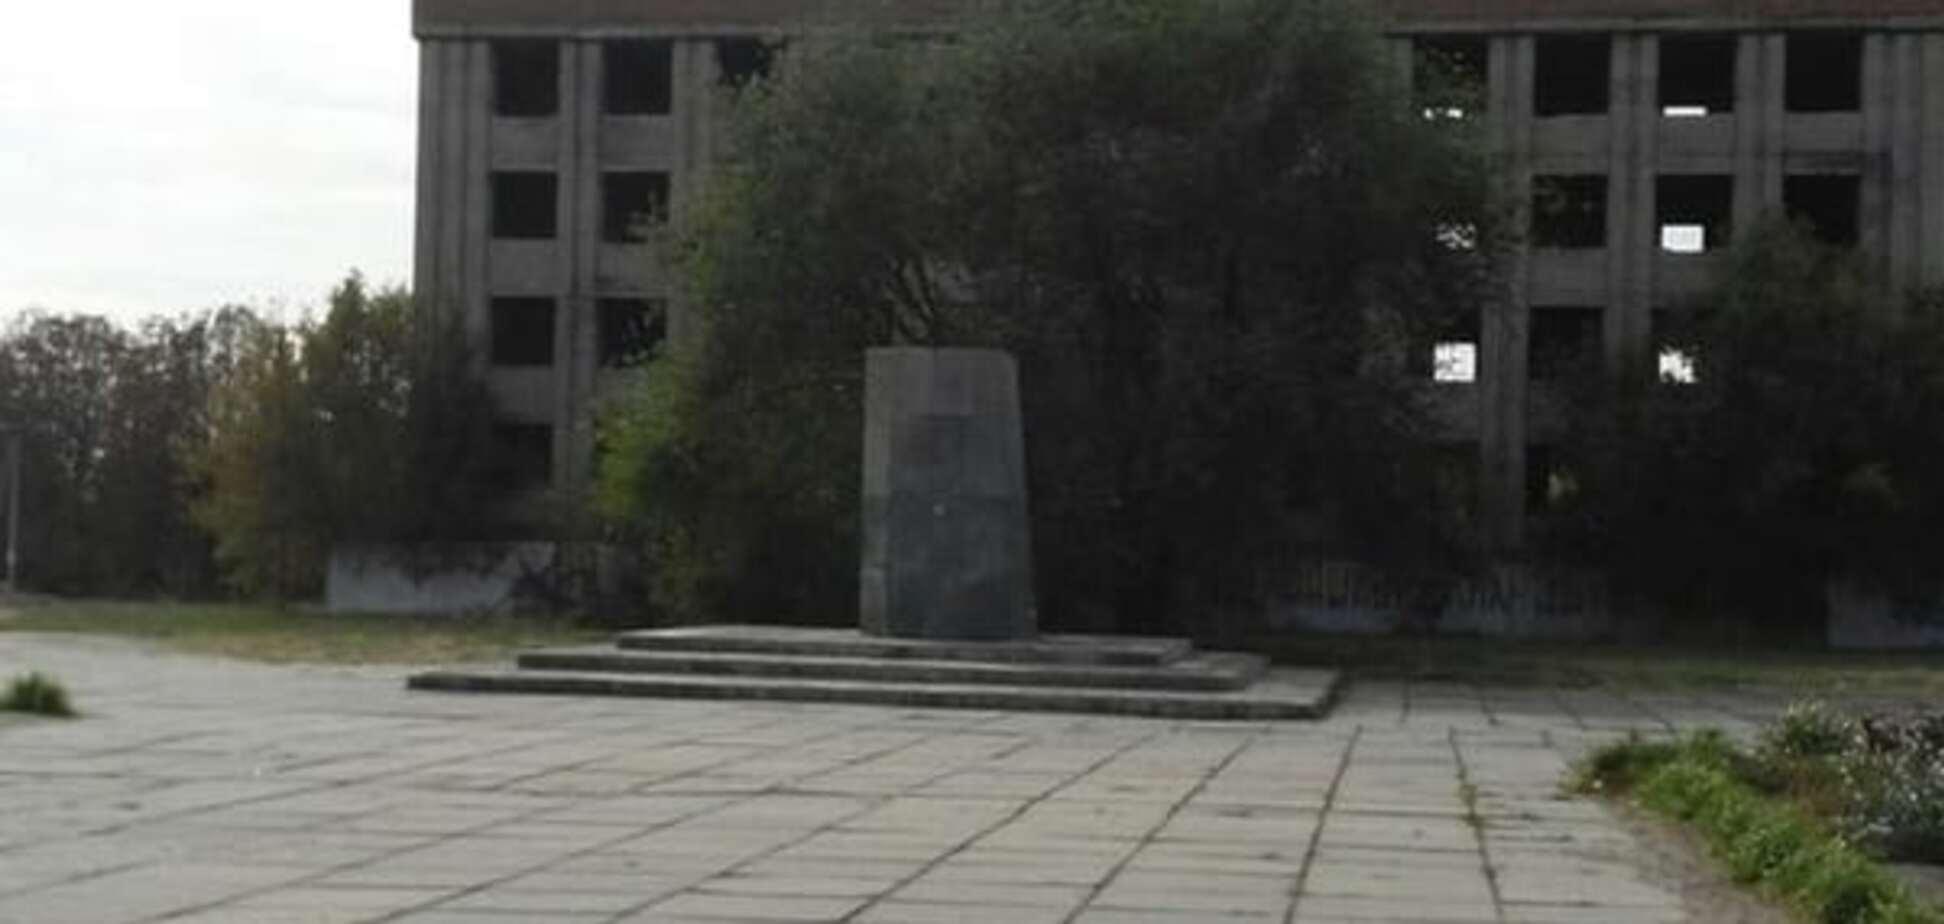 Нежданчик: у Запорізькій області вкрали 5-тонного Леніна